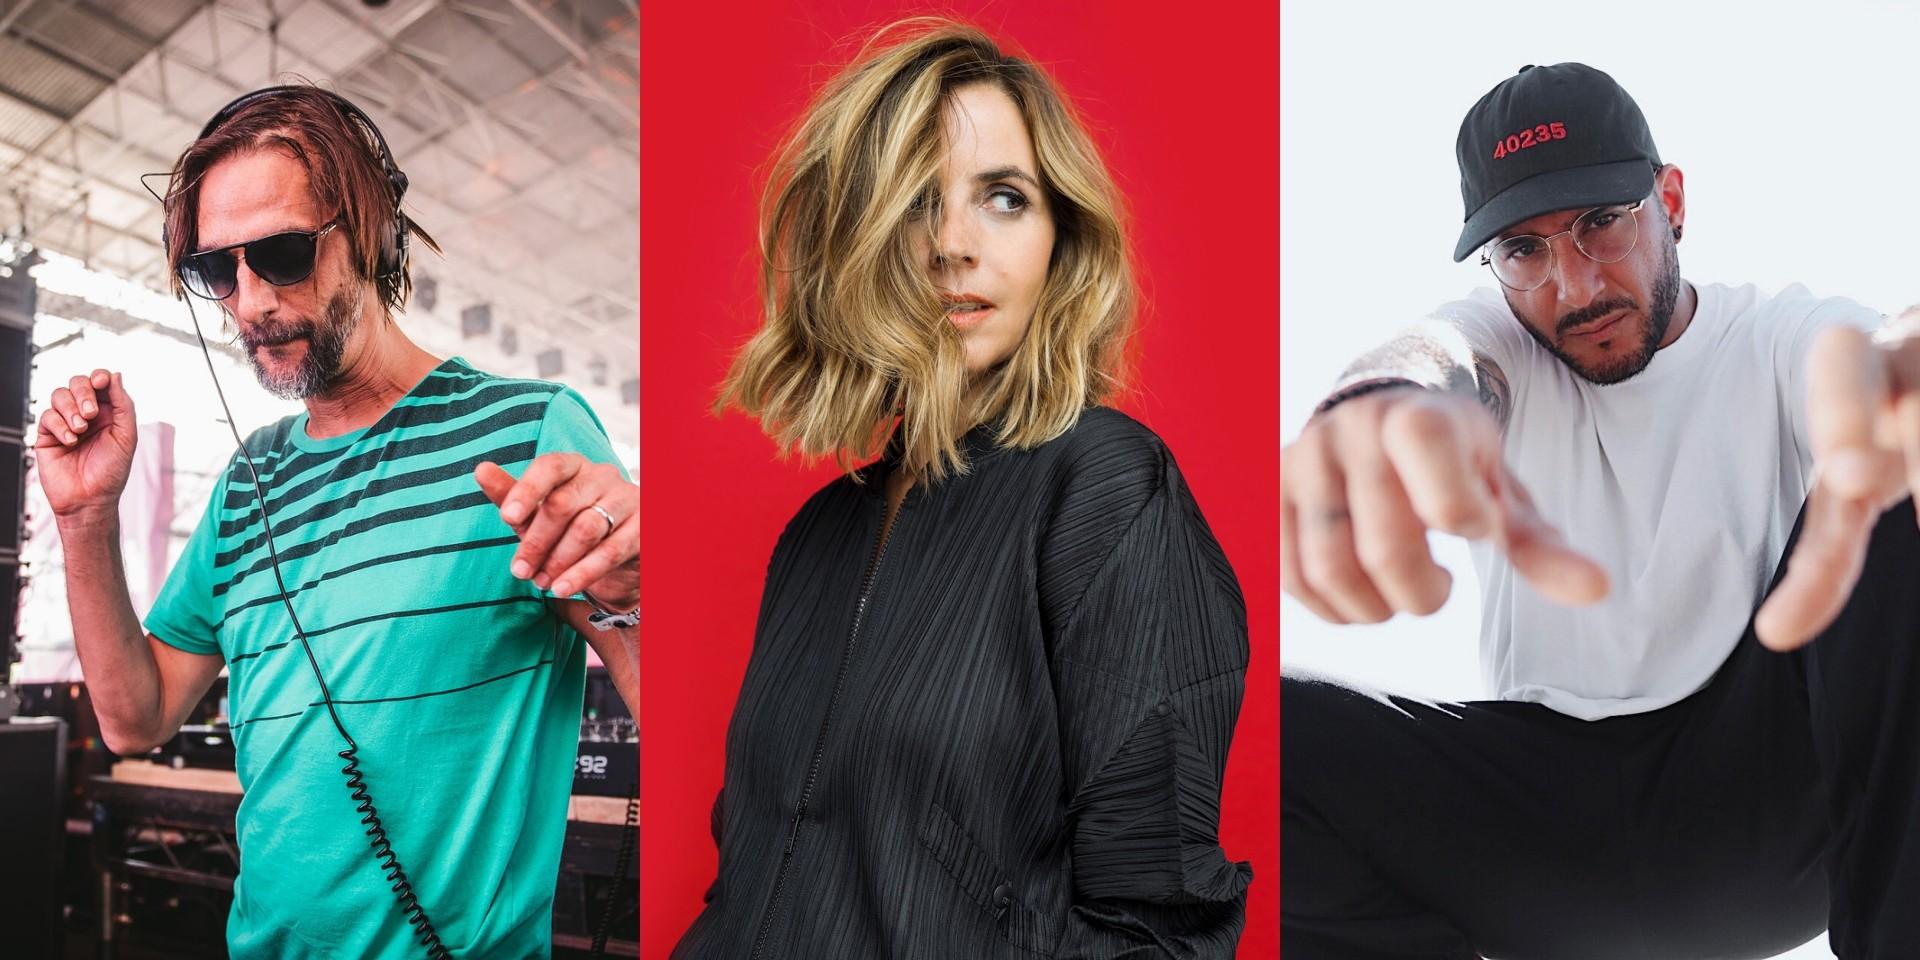 EPIZODE⁴ announces first wave lineup: Ricardo Villalobos, Anja Schneider, Loco Dice, and more confirmed